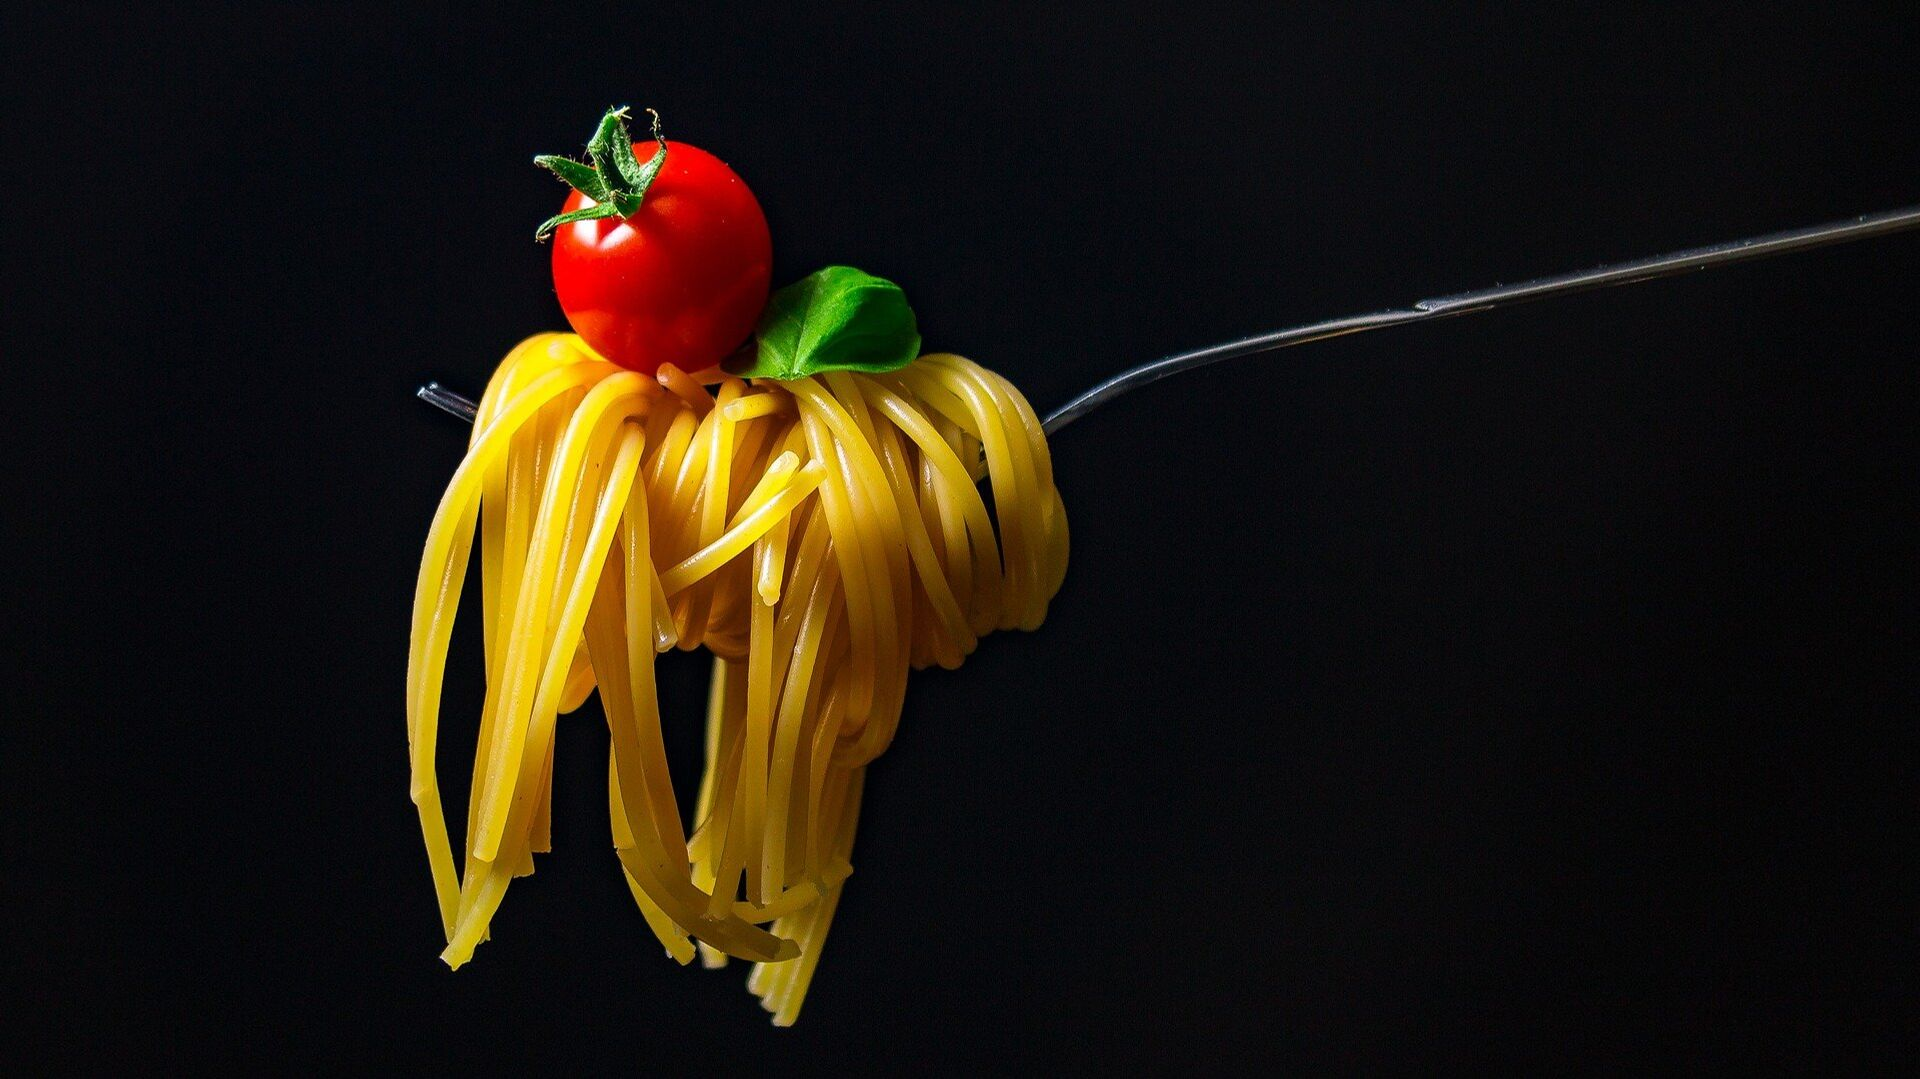 Pasta (Symbolbild) - Sputnik Italia, 1920, 07.04.2021